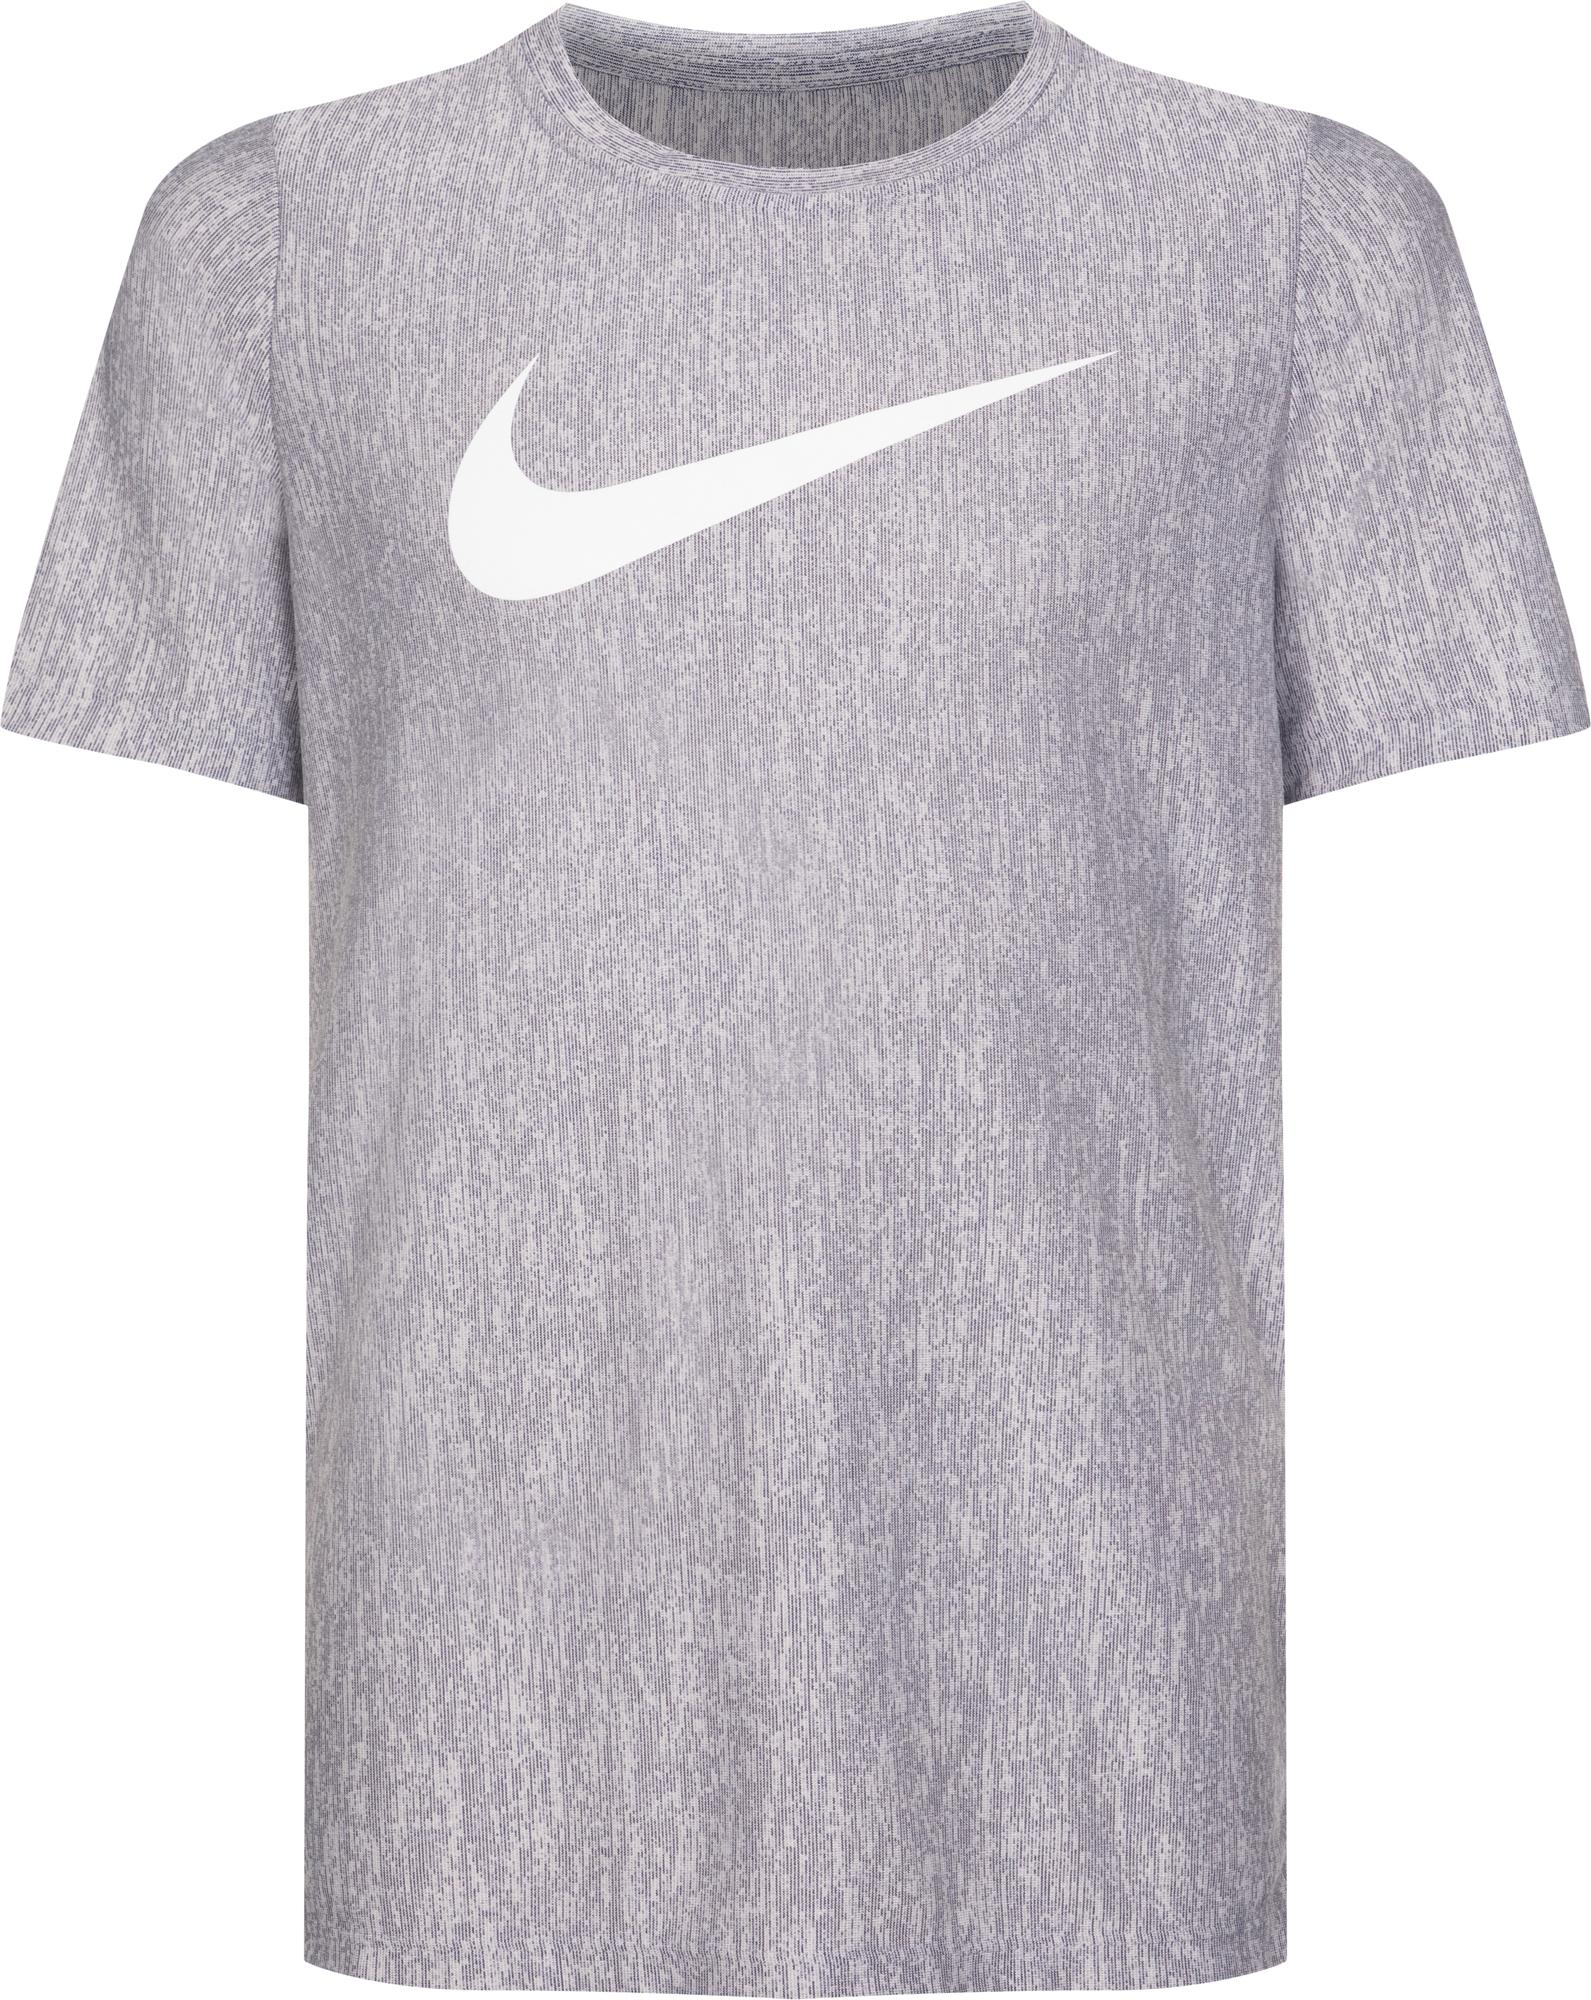 цена на Nike Футболка для мальчиков Nike Dri-FIT, размер 147-158